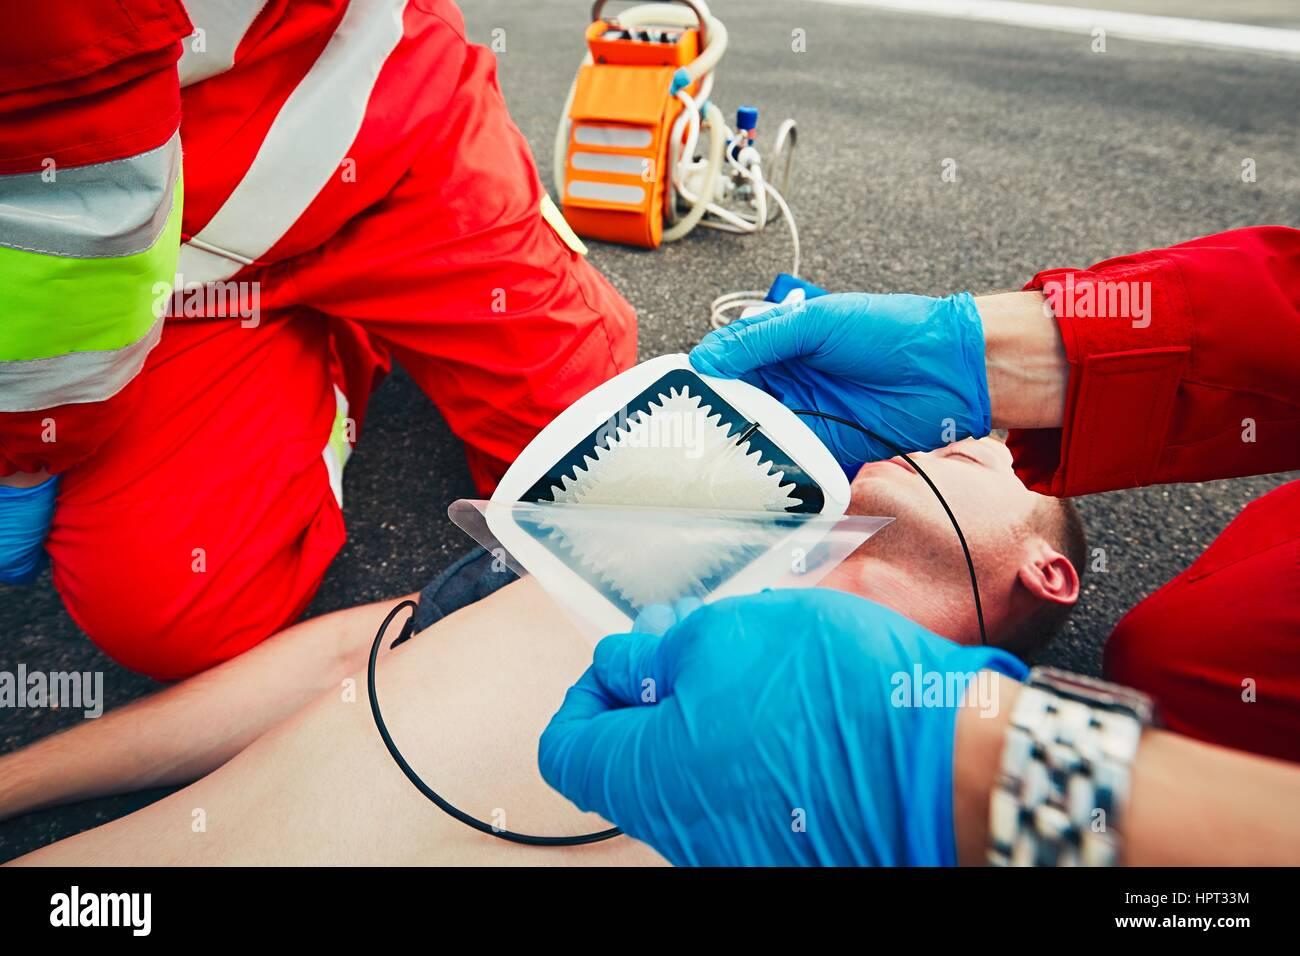 Die Elektroden des Defibrillators. Rettungs-Team (Arzt und Sanitäter) Wiederbelebung der Mann auf der Straße. Stockbild